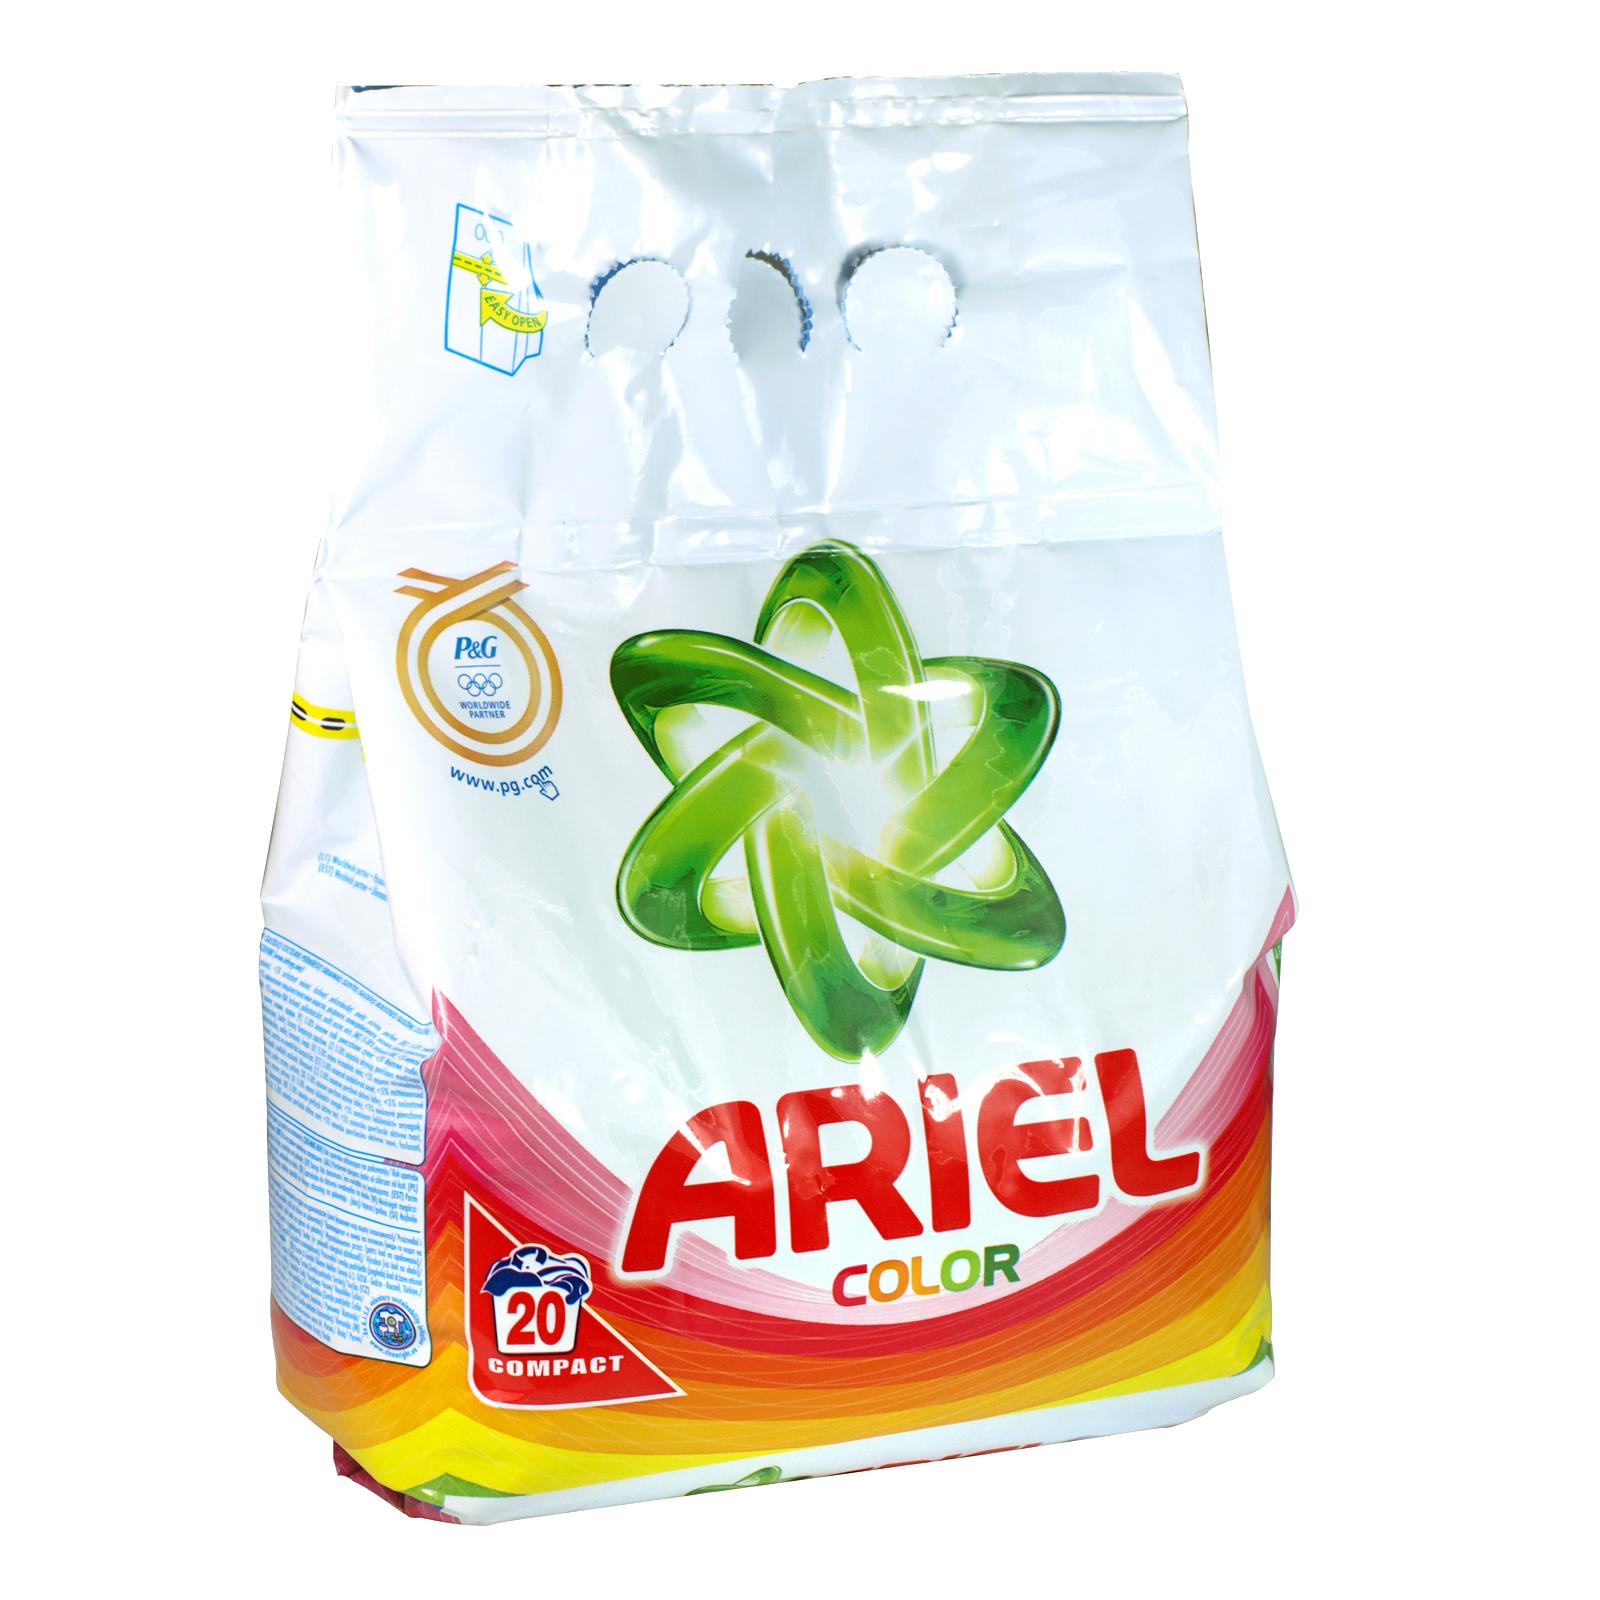 ARIEL POWDER 20 WASH COLOR